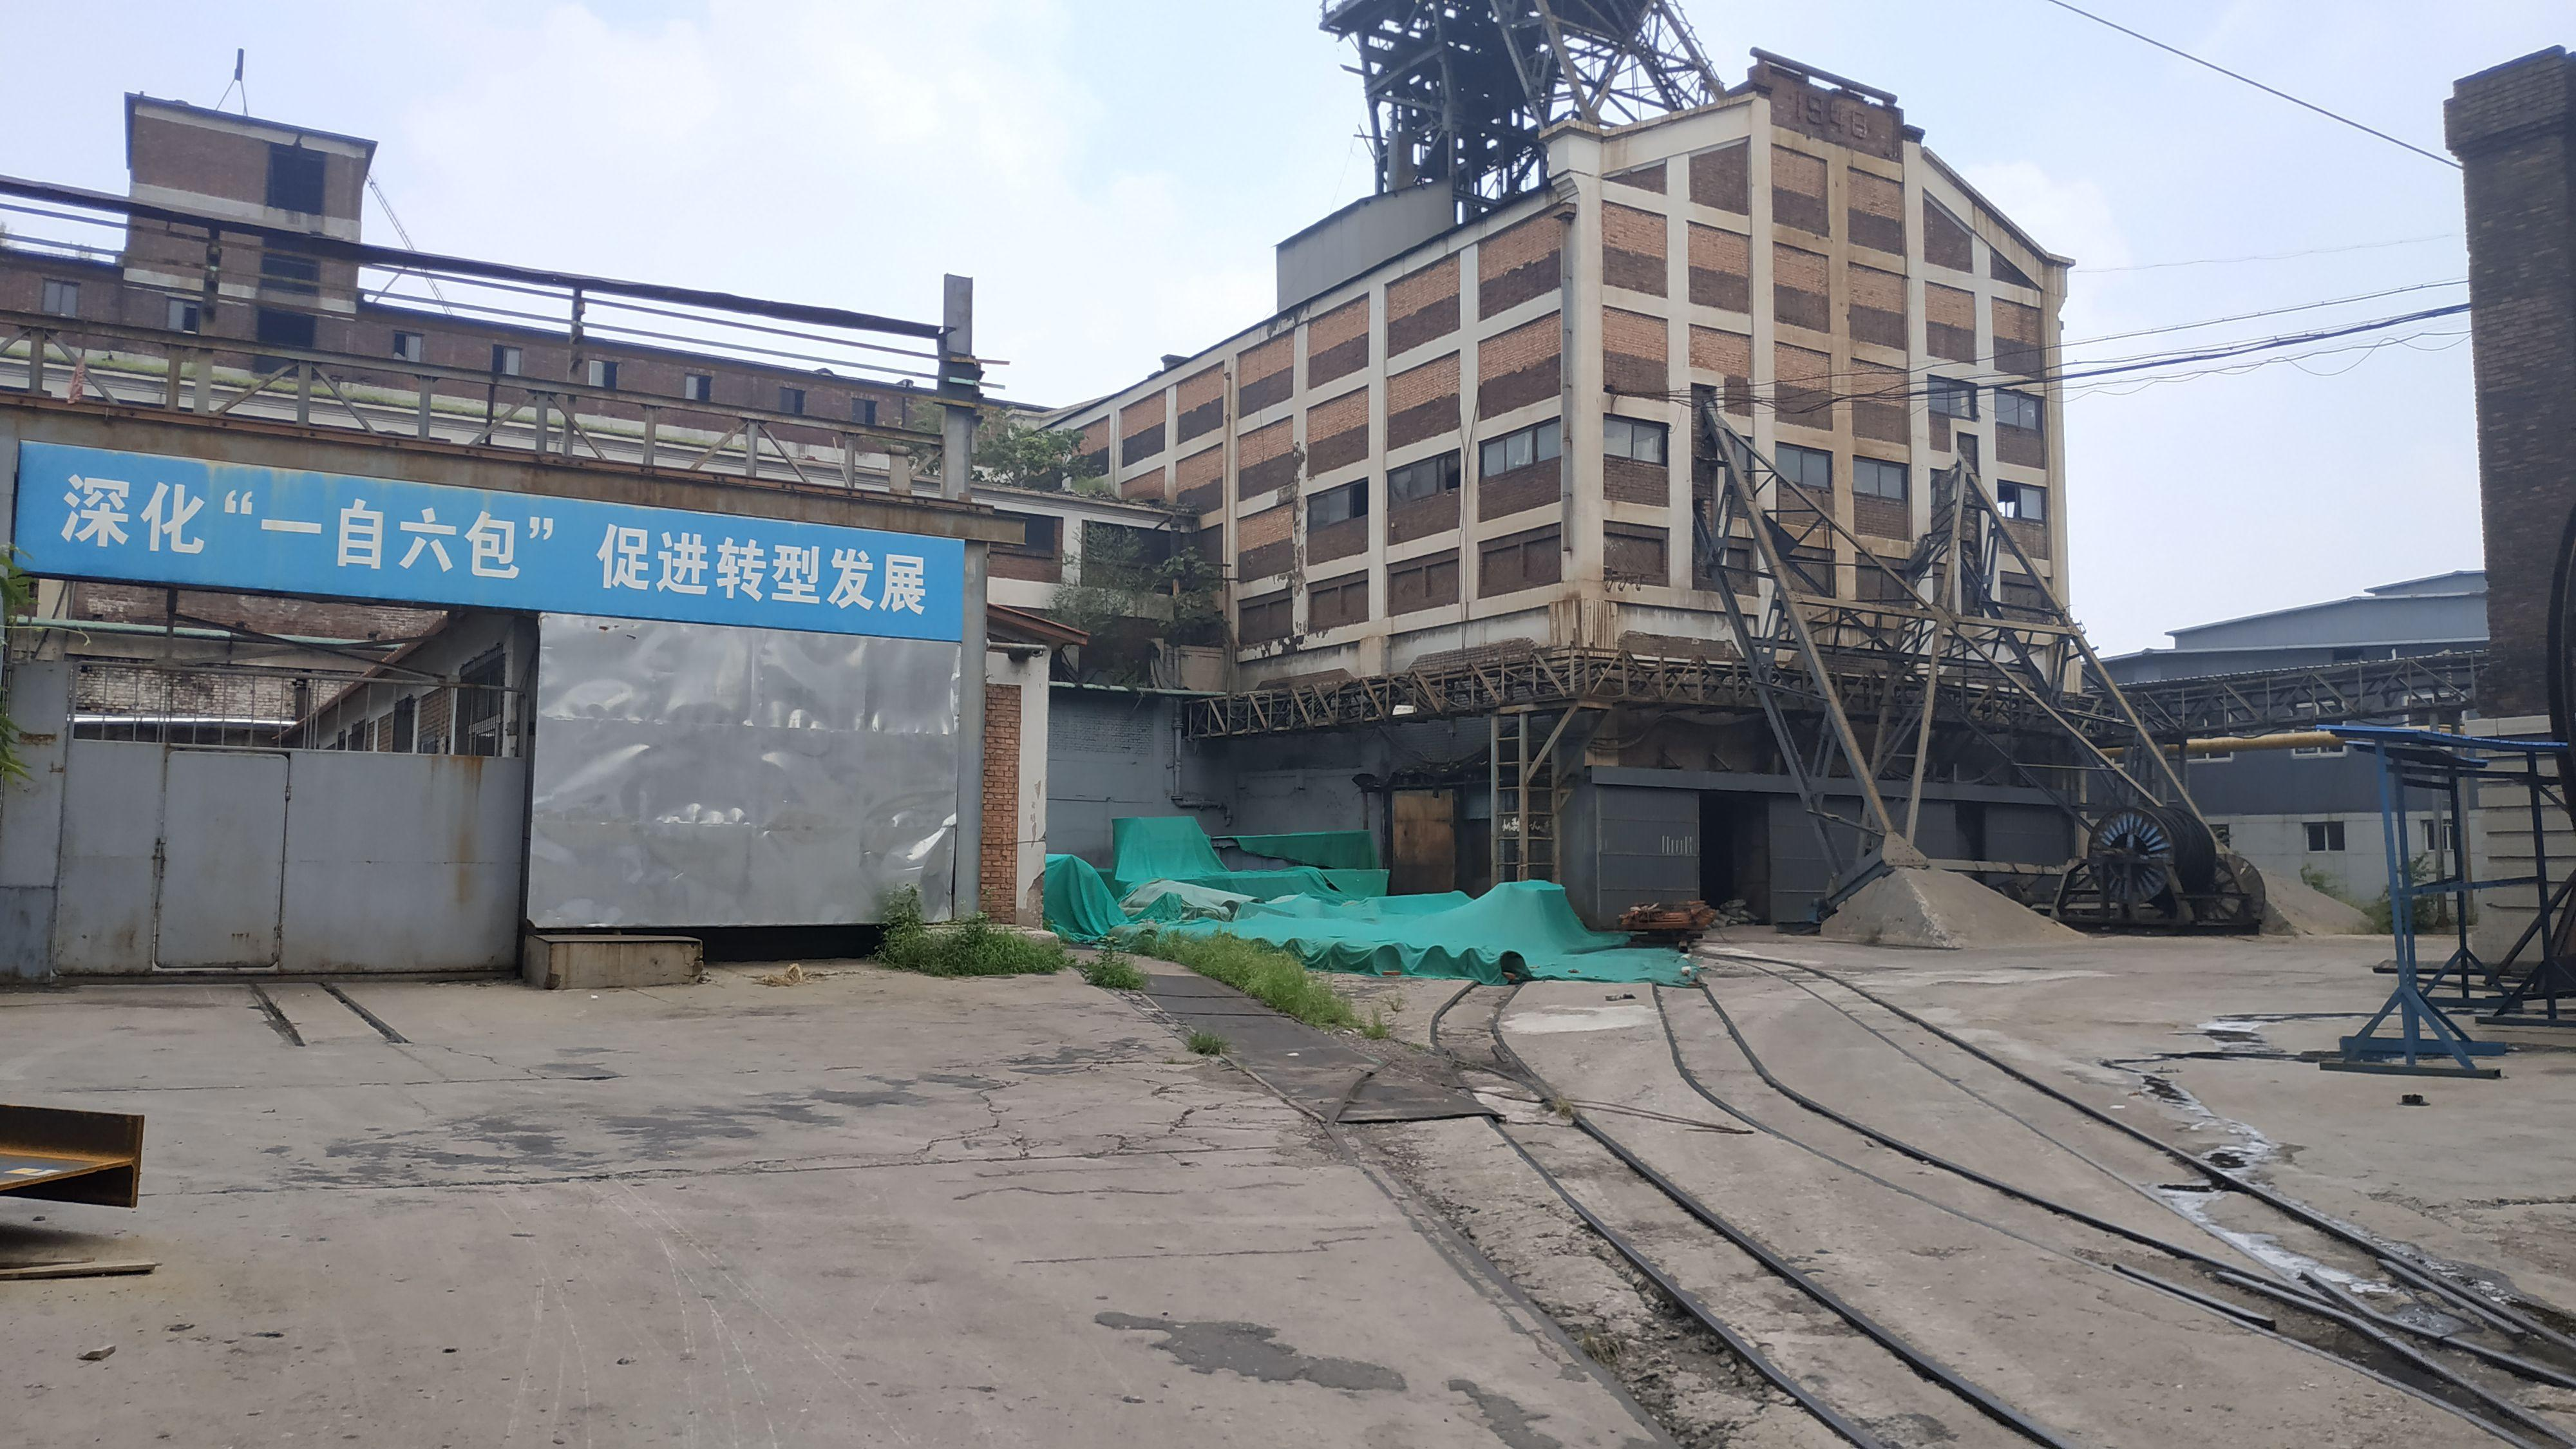 开滦集团唐山矿井事故致7死:目前企业已停产